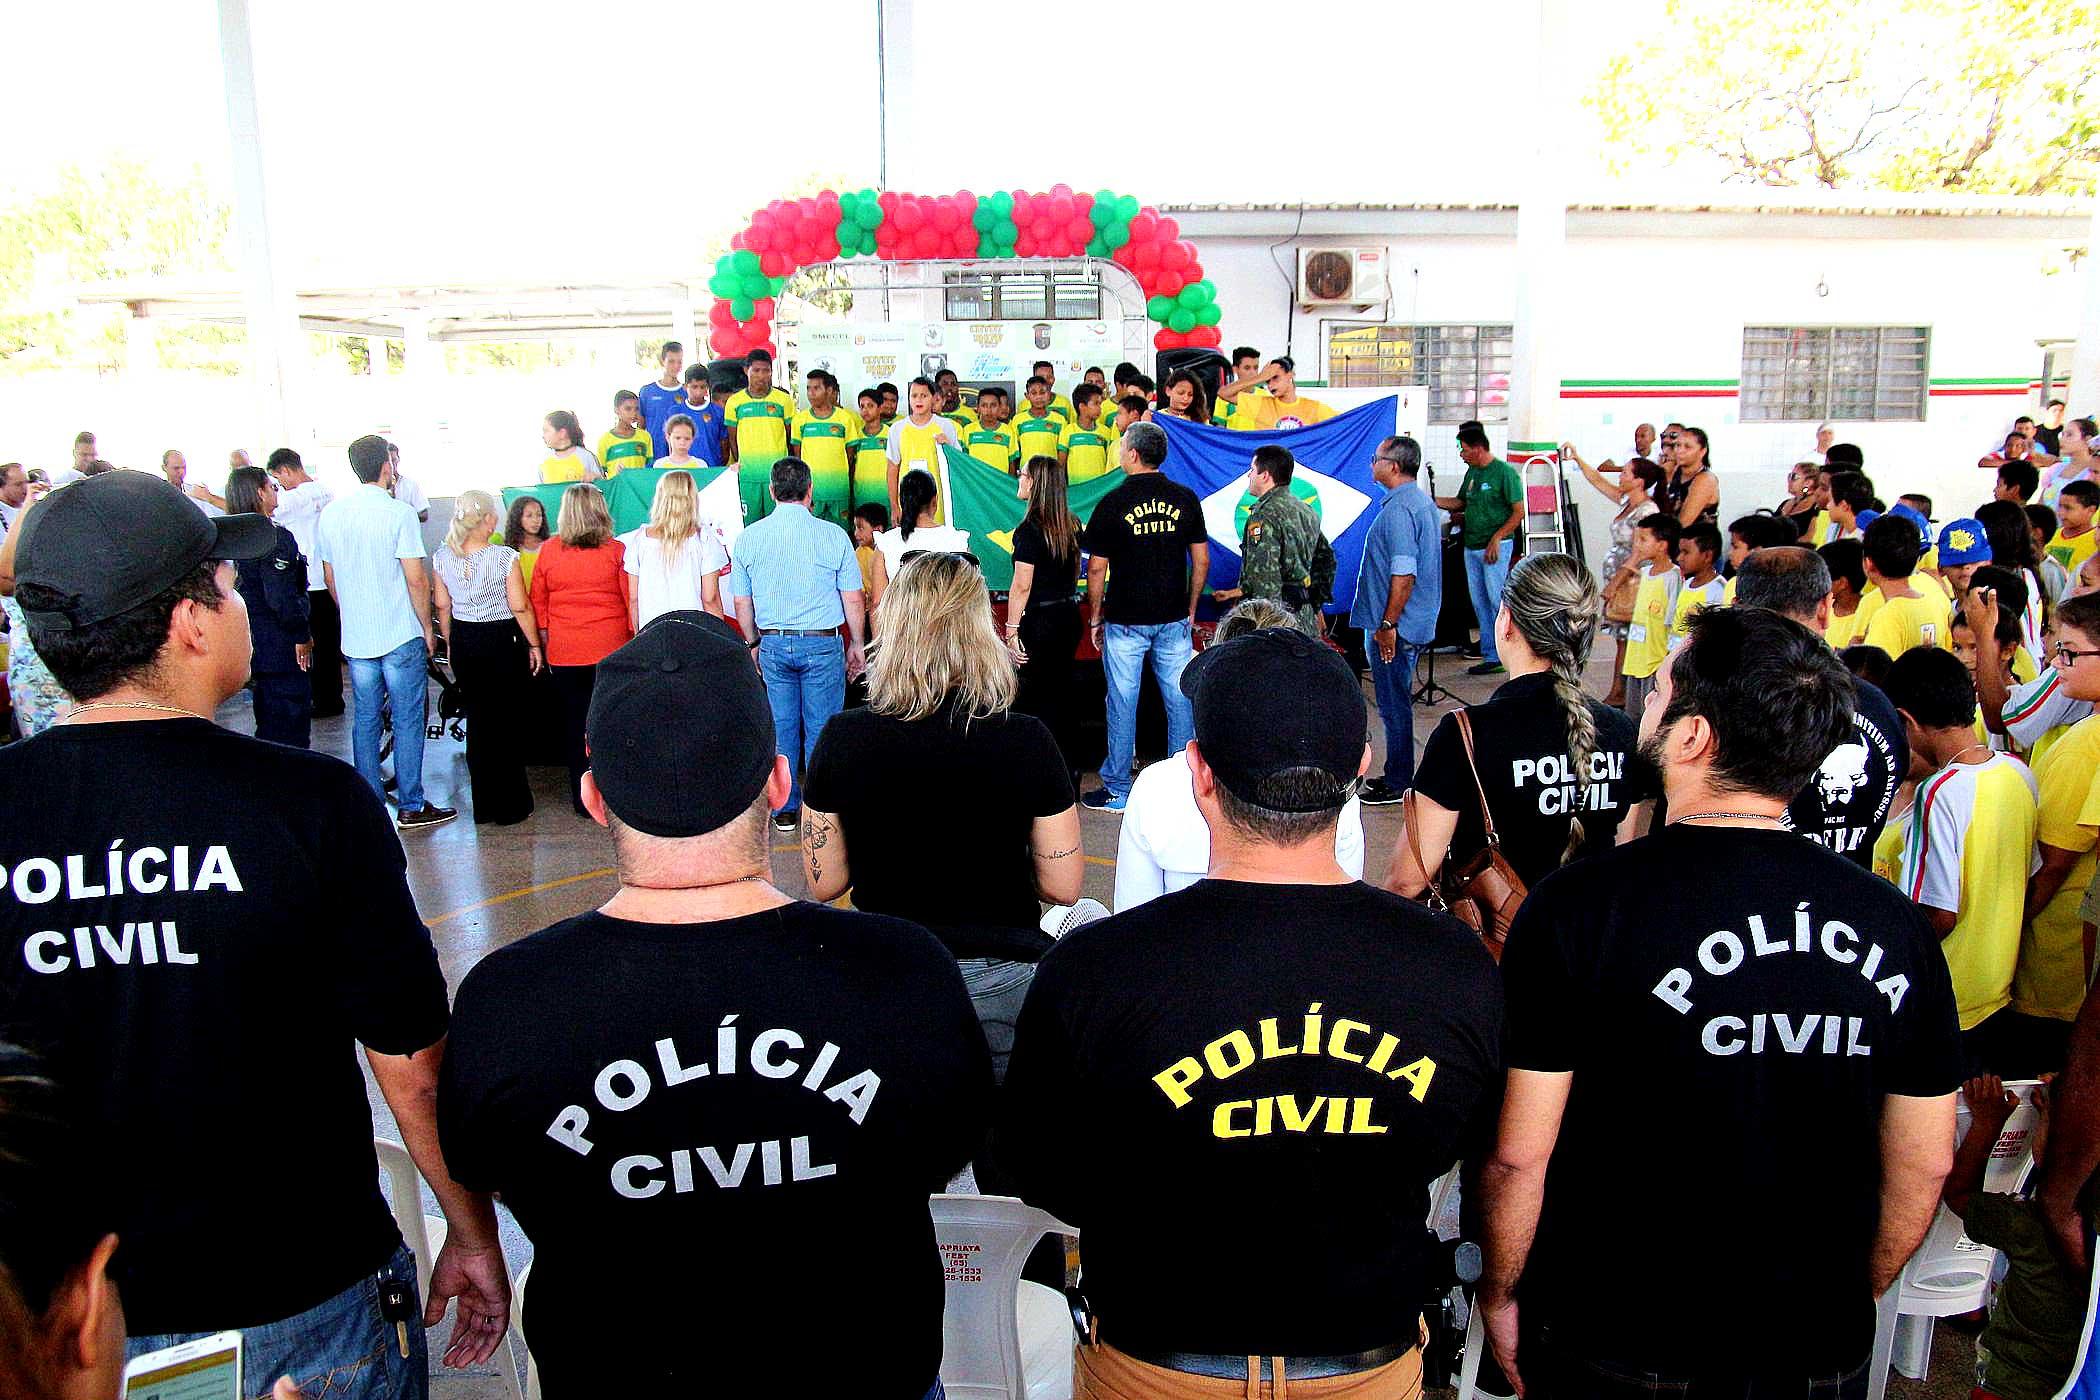 Projeto social é lançado para prevenir entrada de adolescentes na criminalidade. (Foto: Prefeitura Municipal de Várzea Grande)